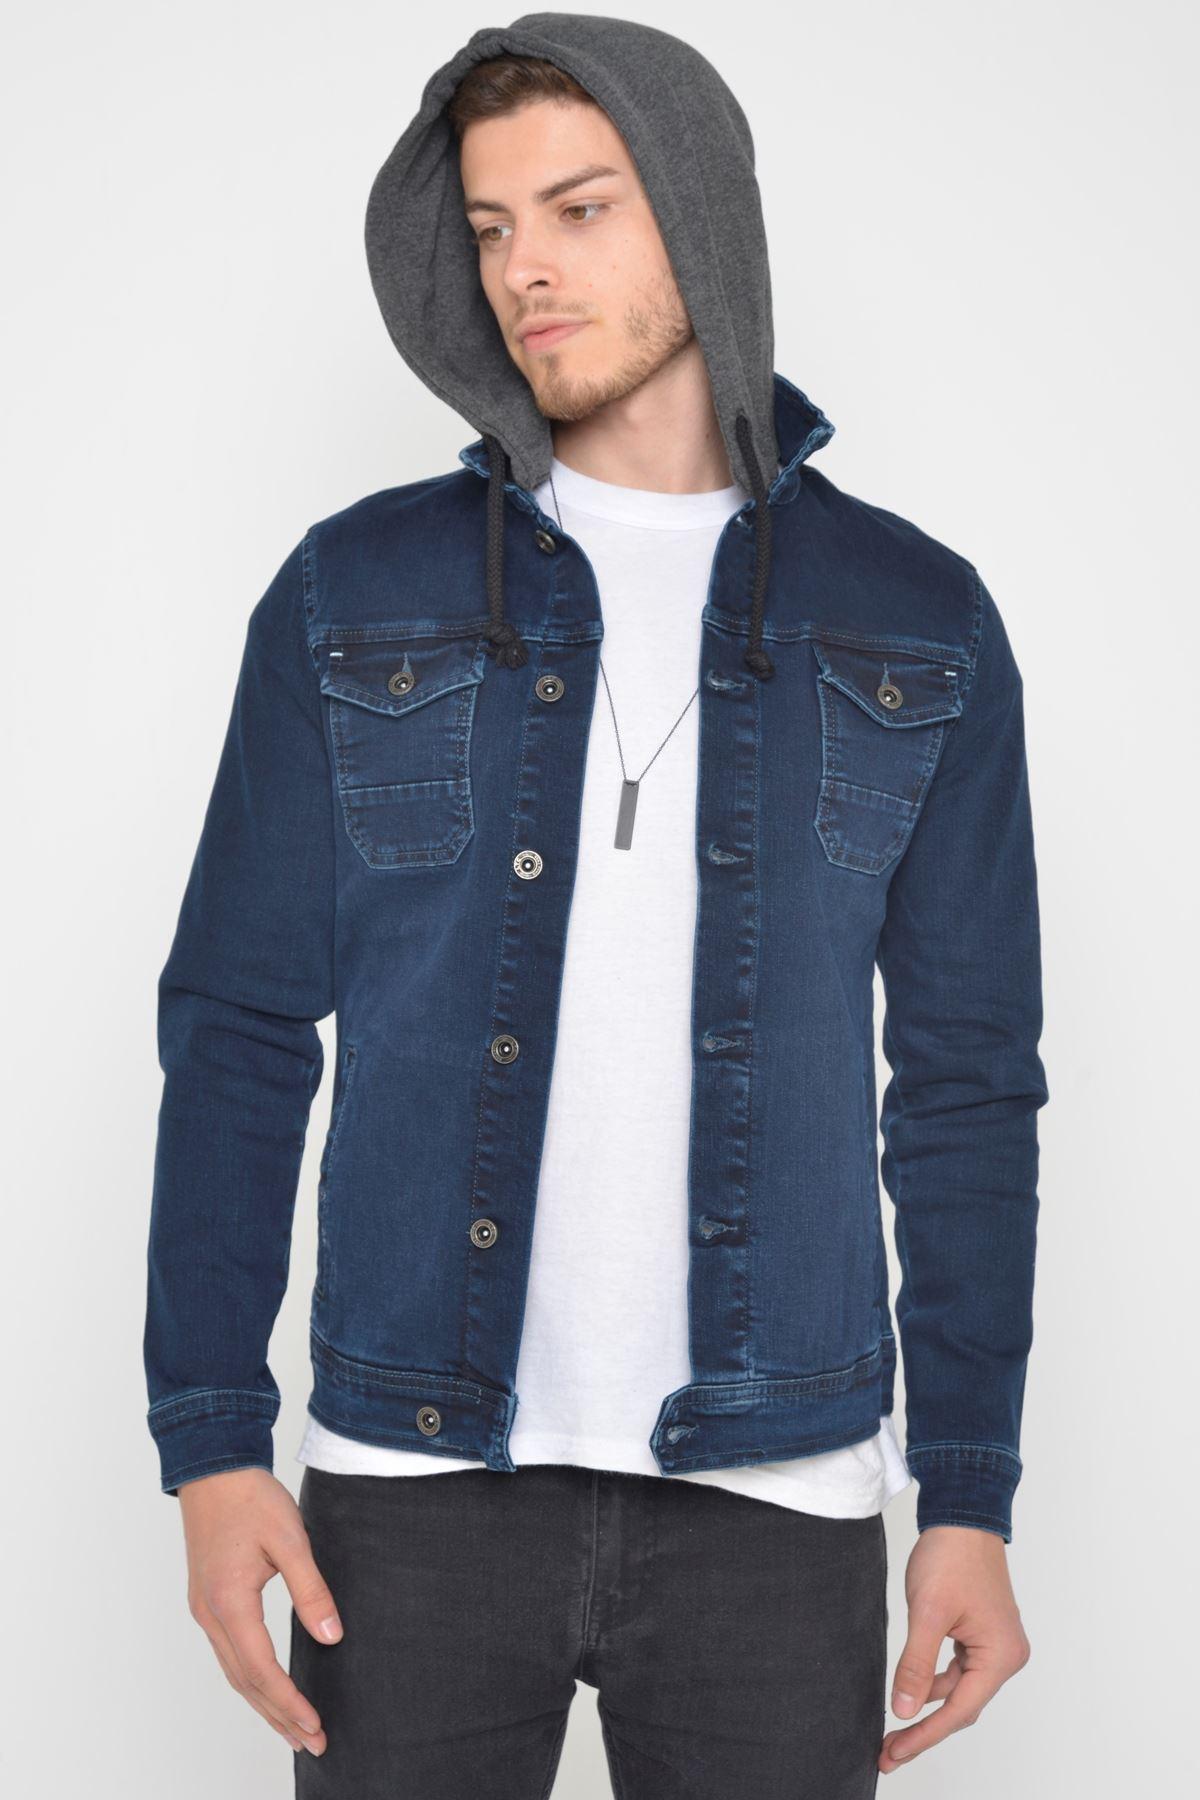 Erkek Çıkarılabilir Kapüşonlu Koyu Mavi Yıkamalı Kot Ceket